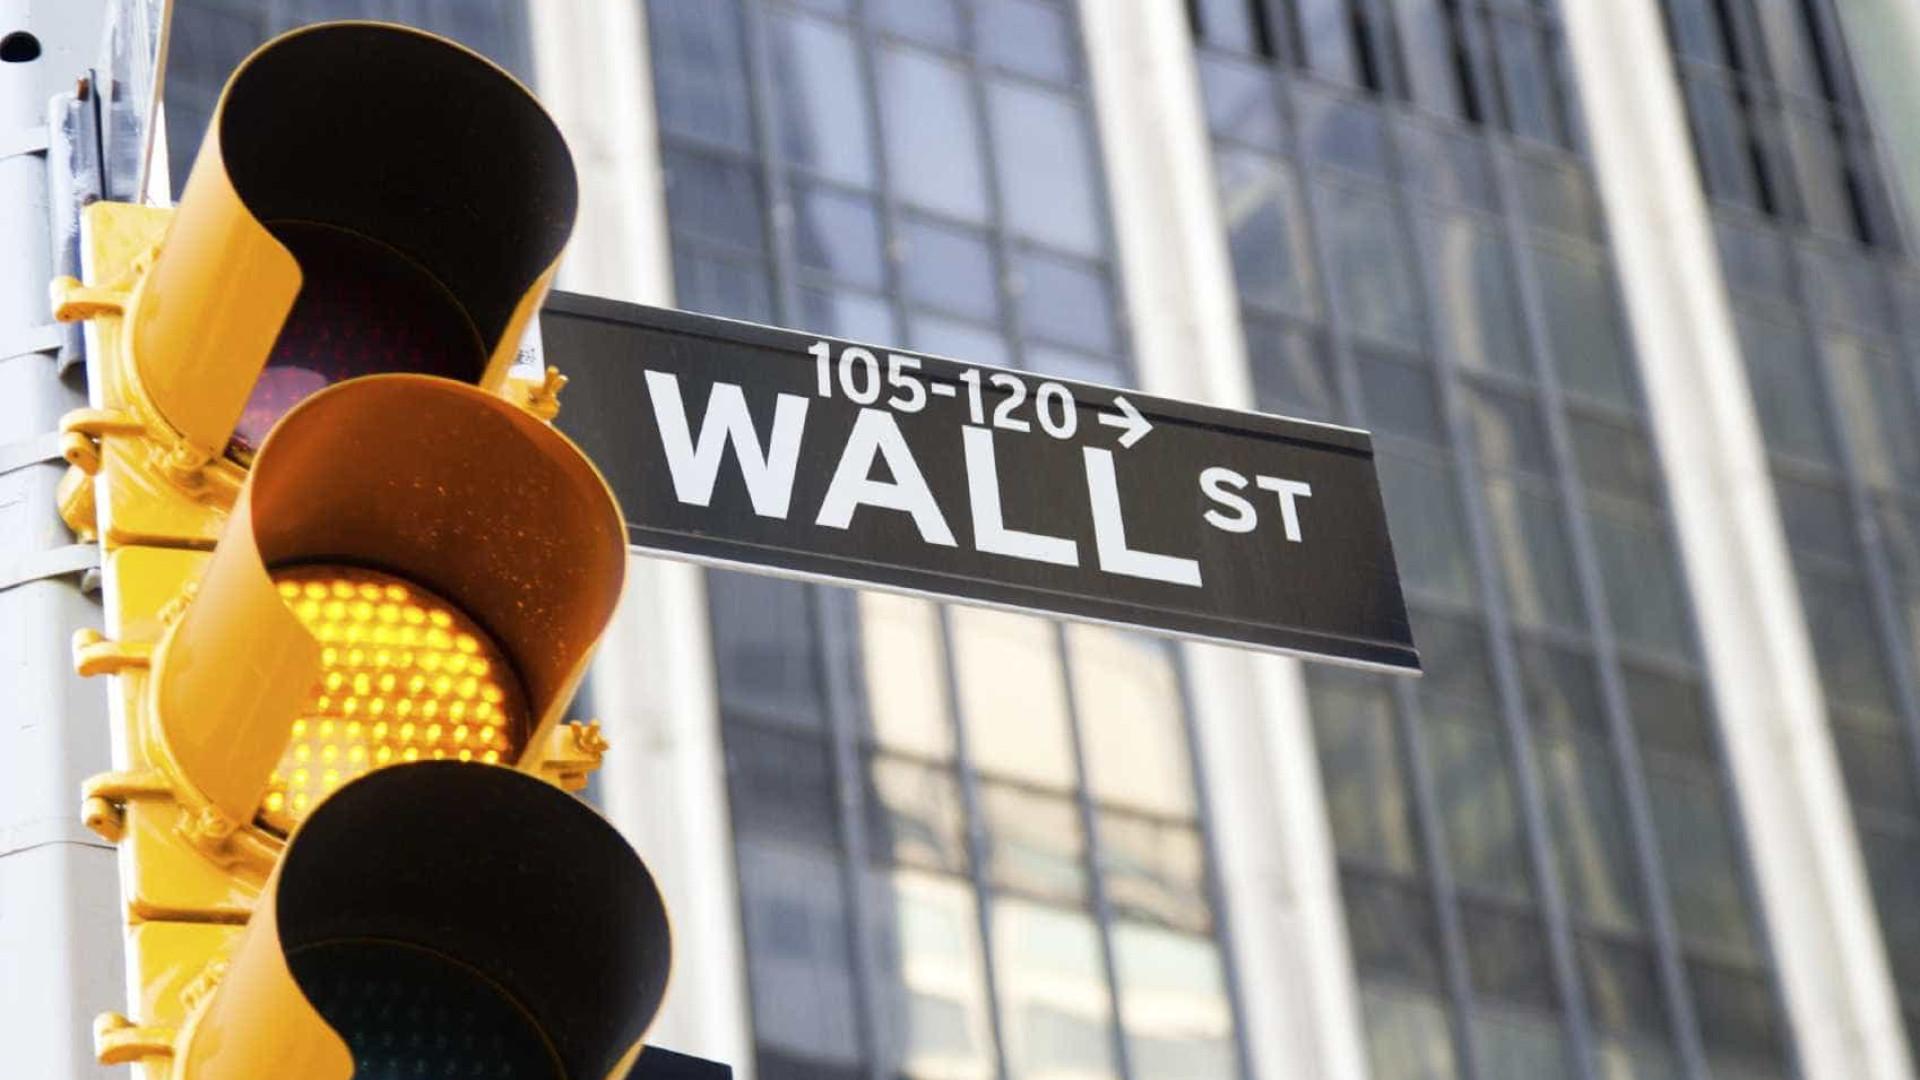 Wall Street negoceia em alta a beneficiar dos bons resultados de empresas